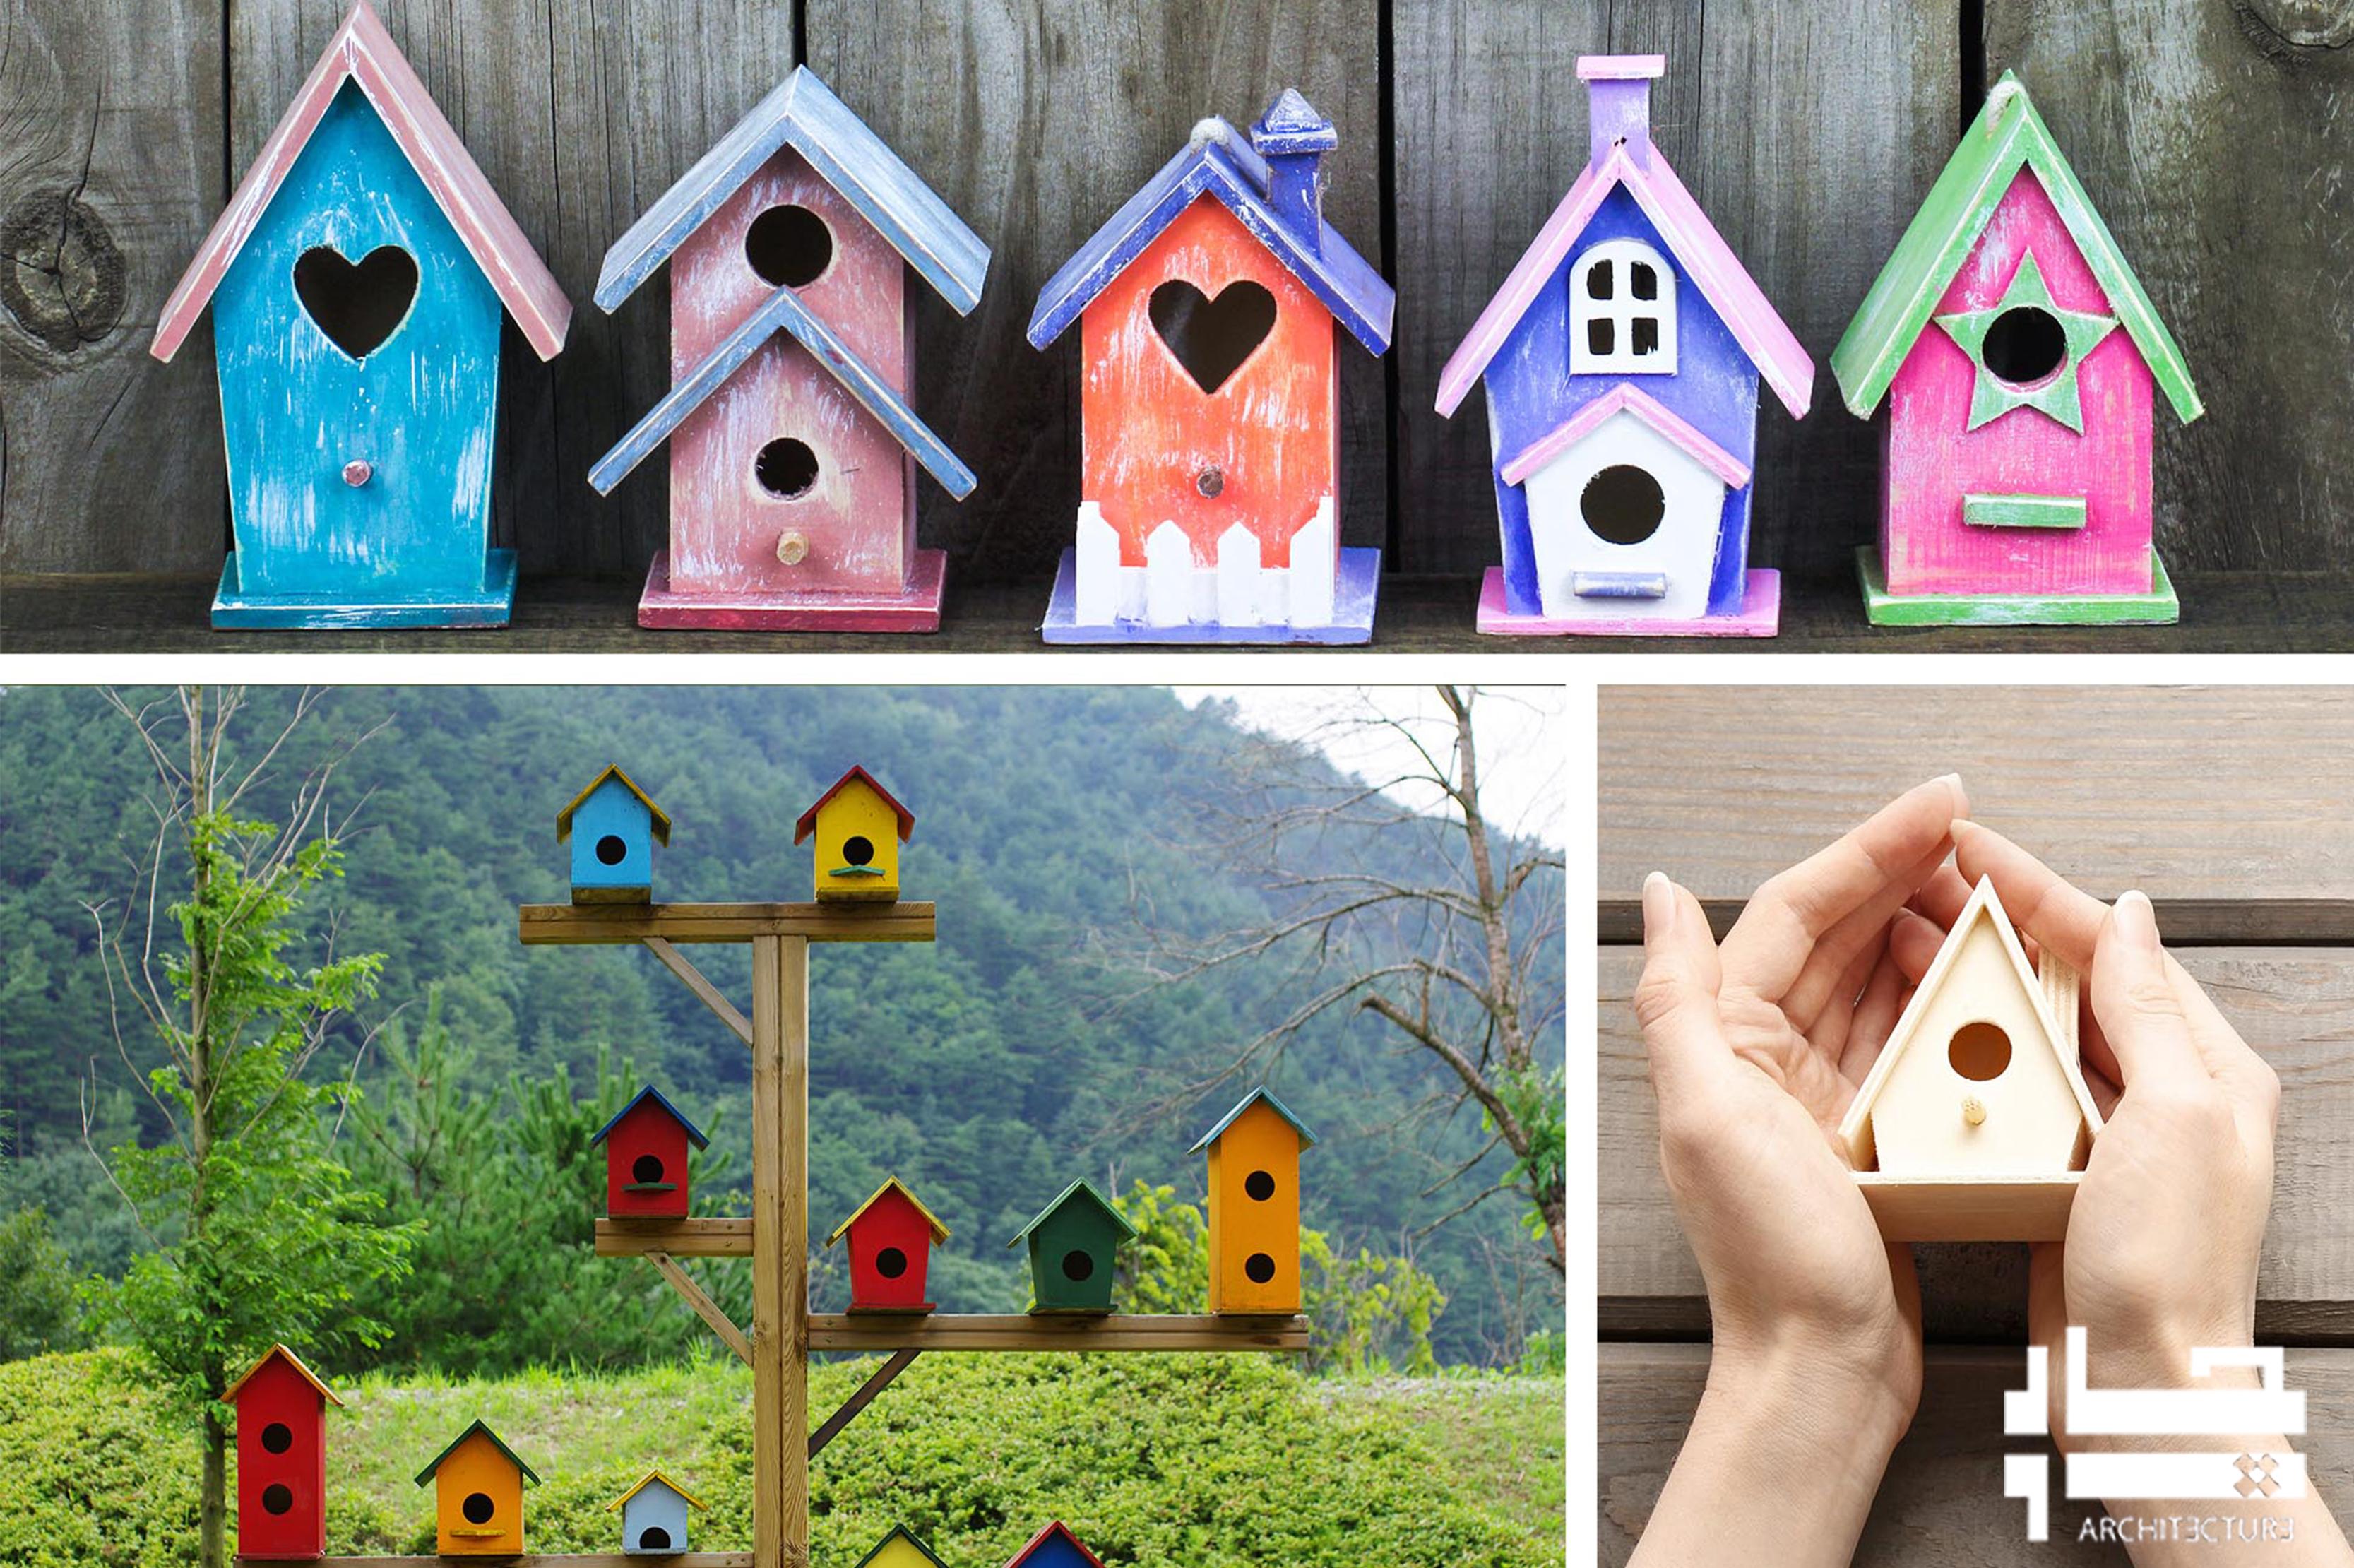 مسابقه طراحی خانه پرنده سال ۲۰۲۰